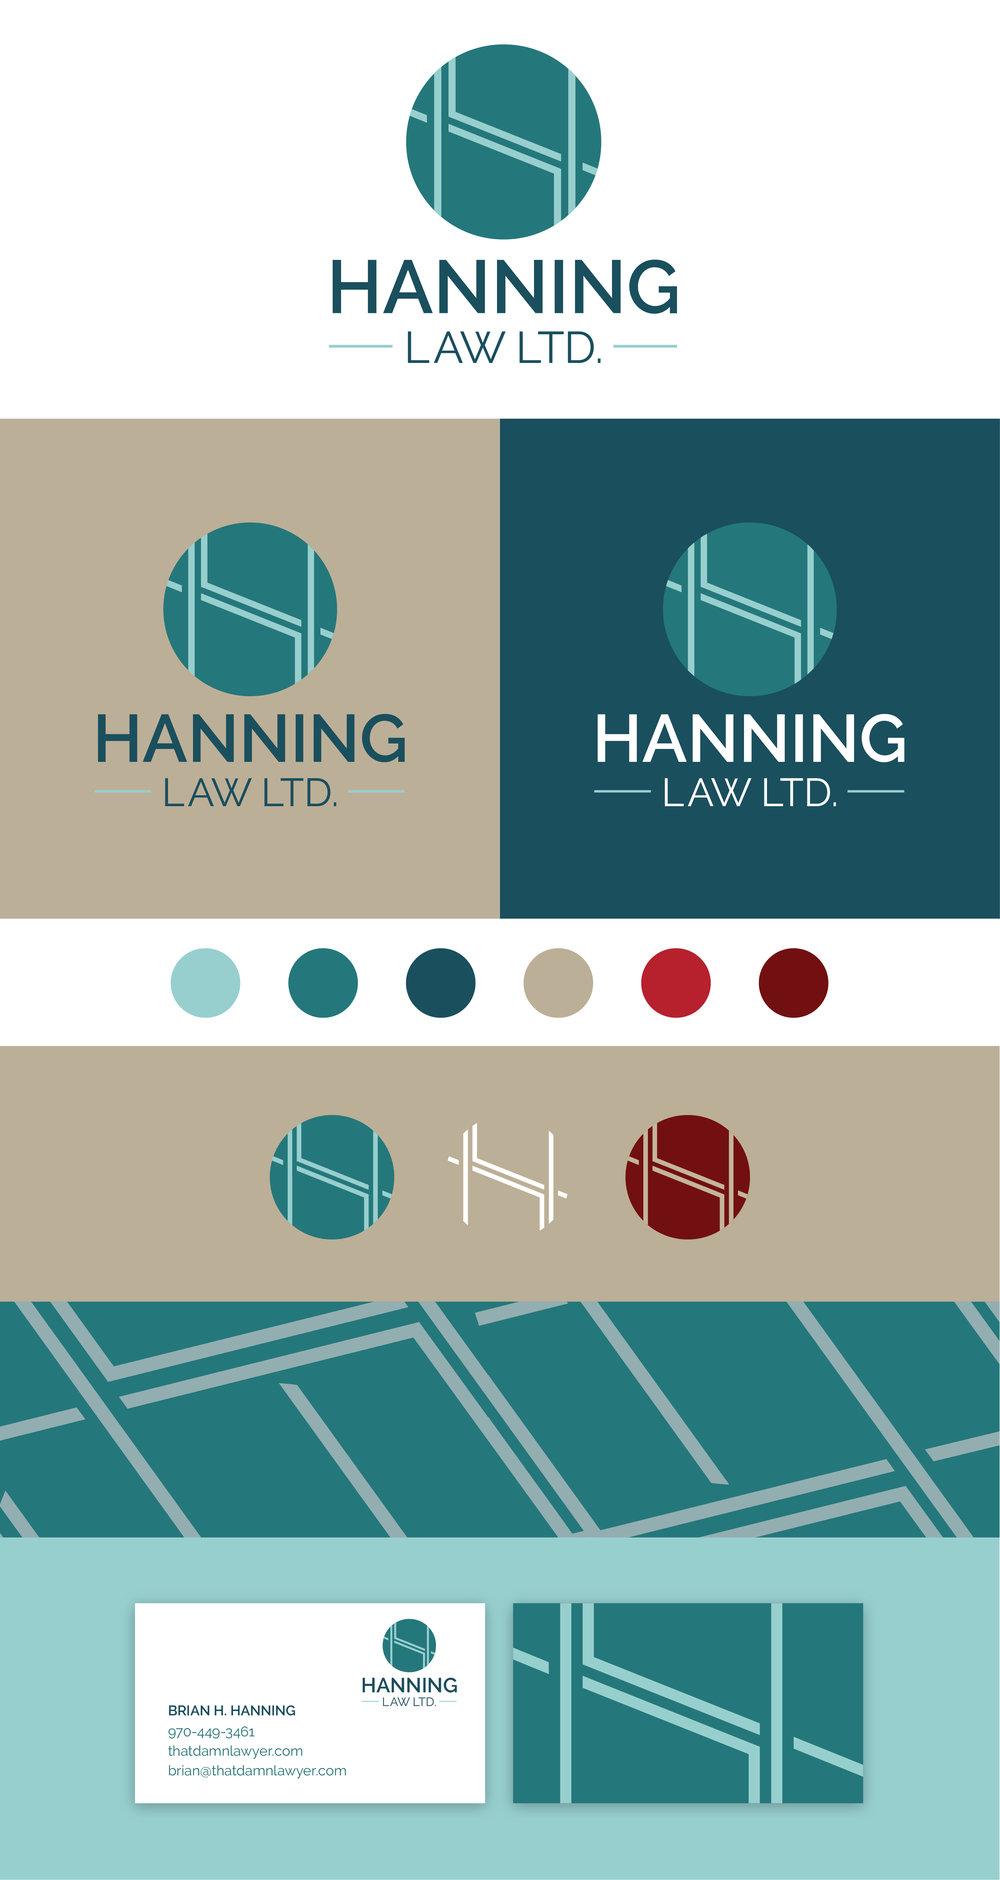 Hanning_BrandReveal-01.jpg